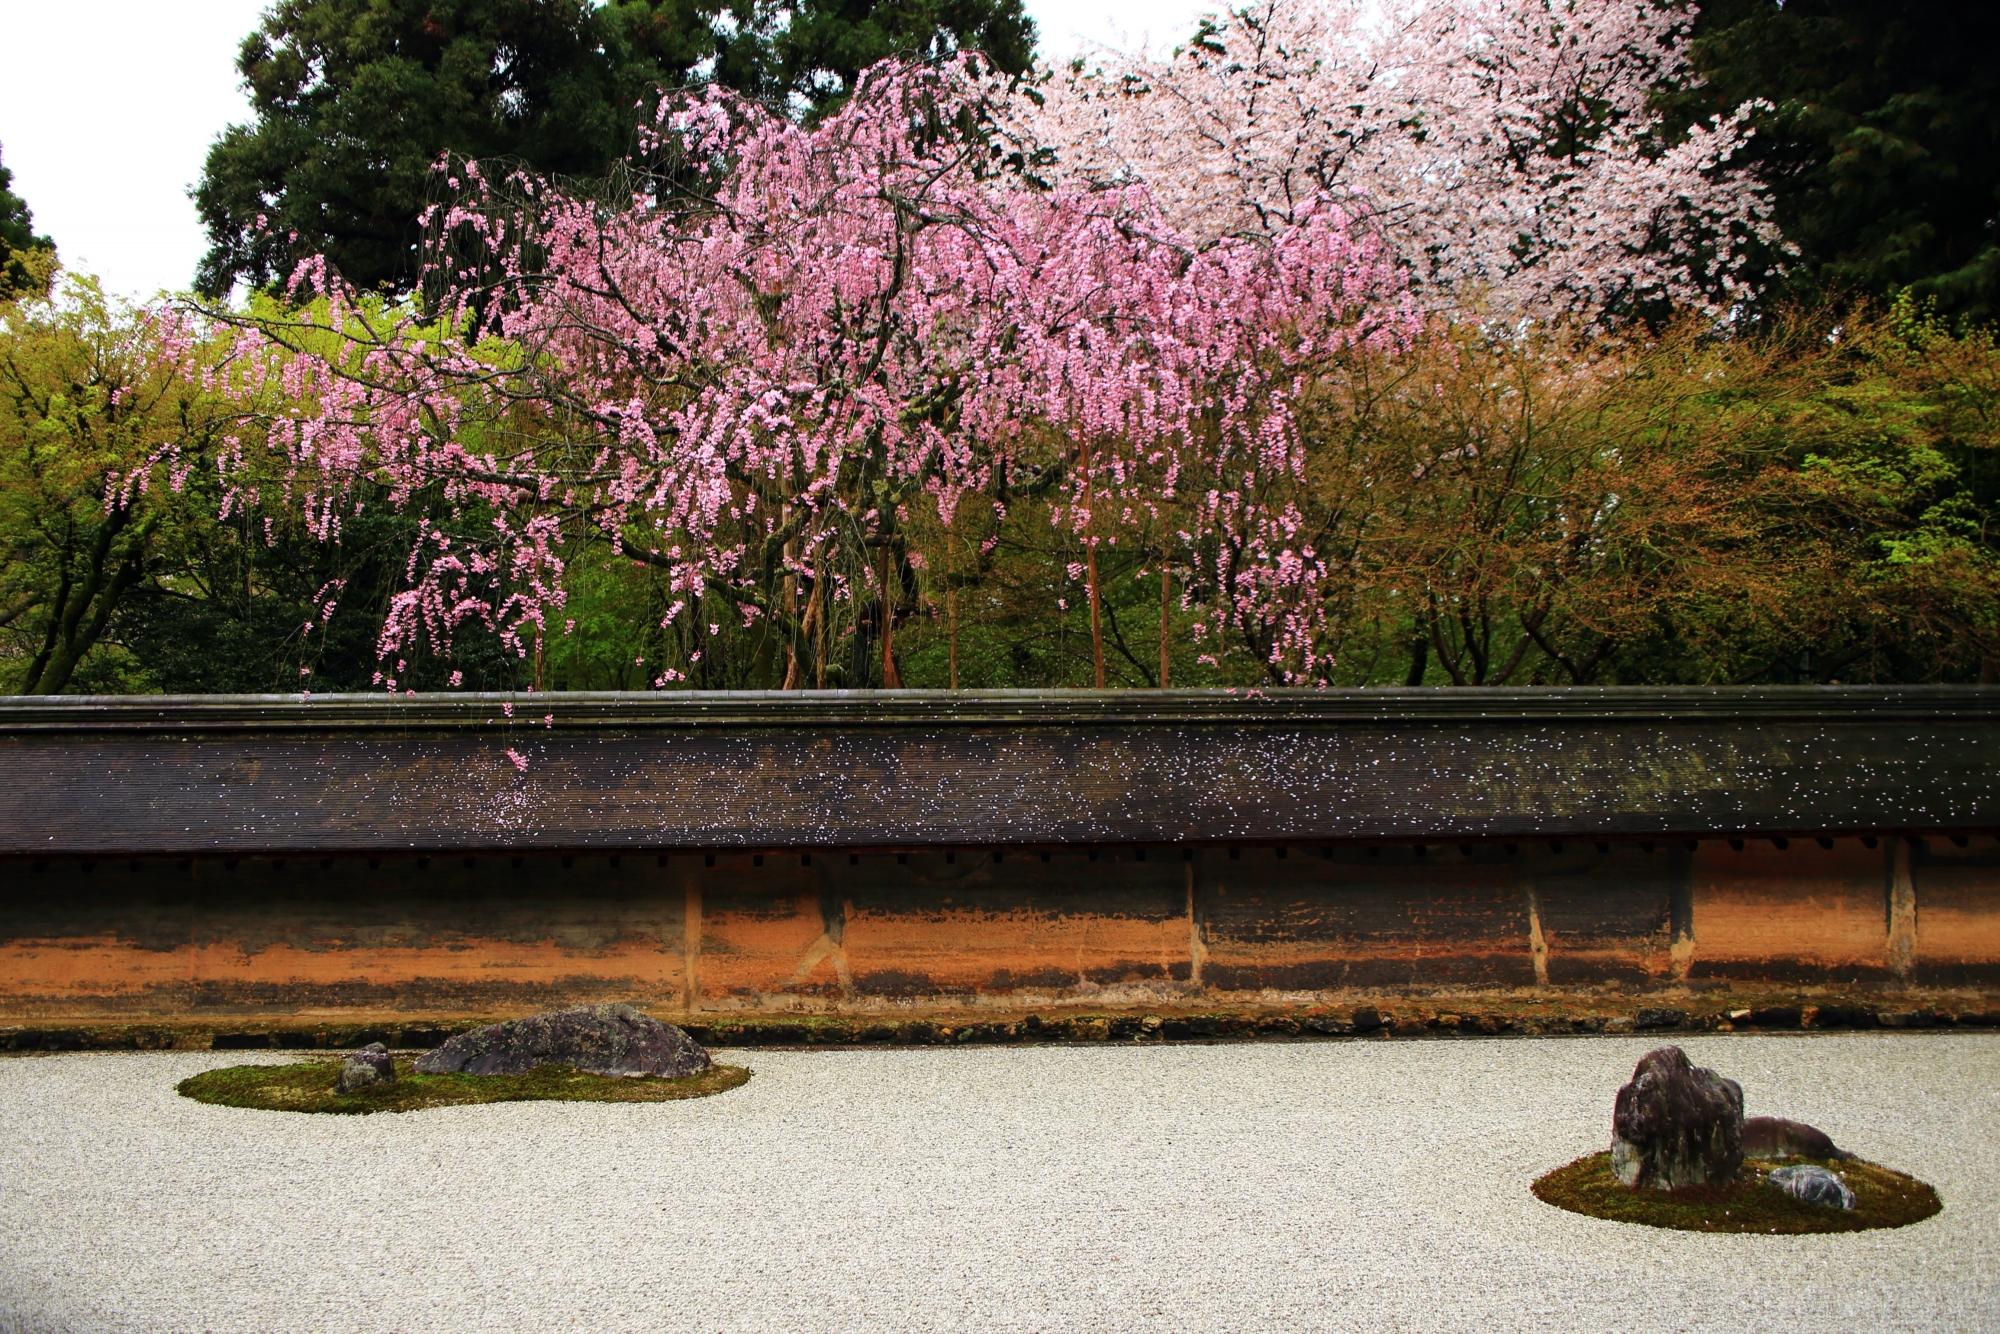 石庭に溢れ出すピンクと白の桜